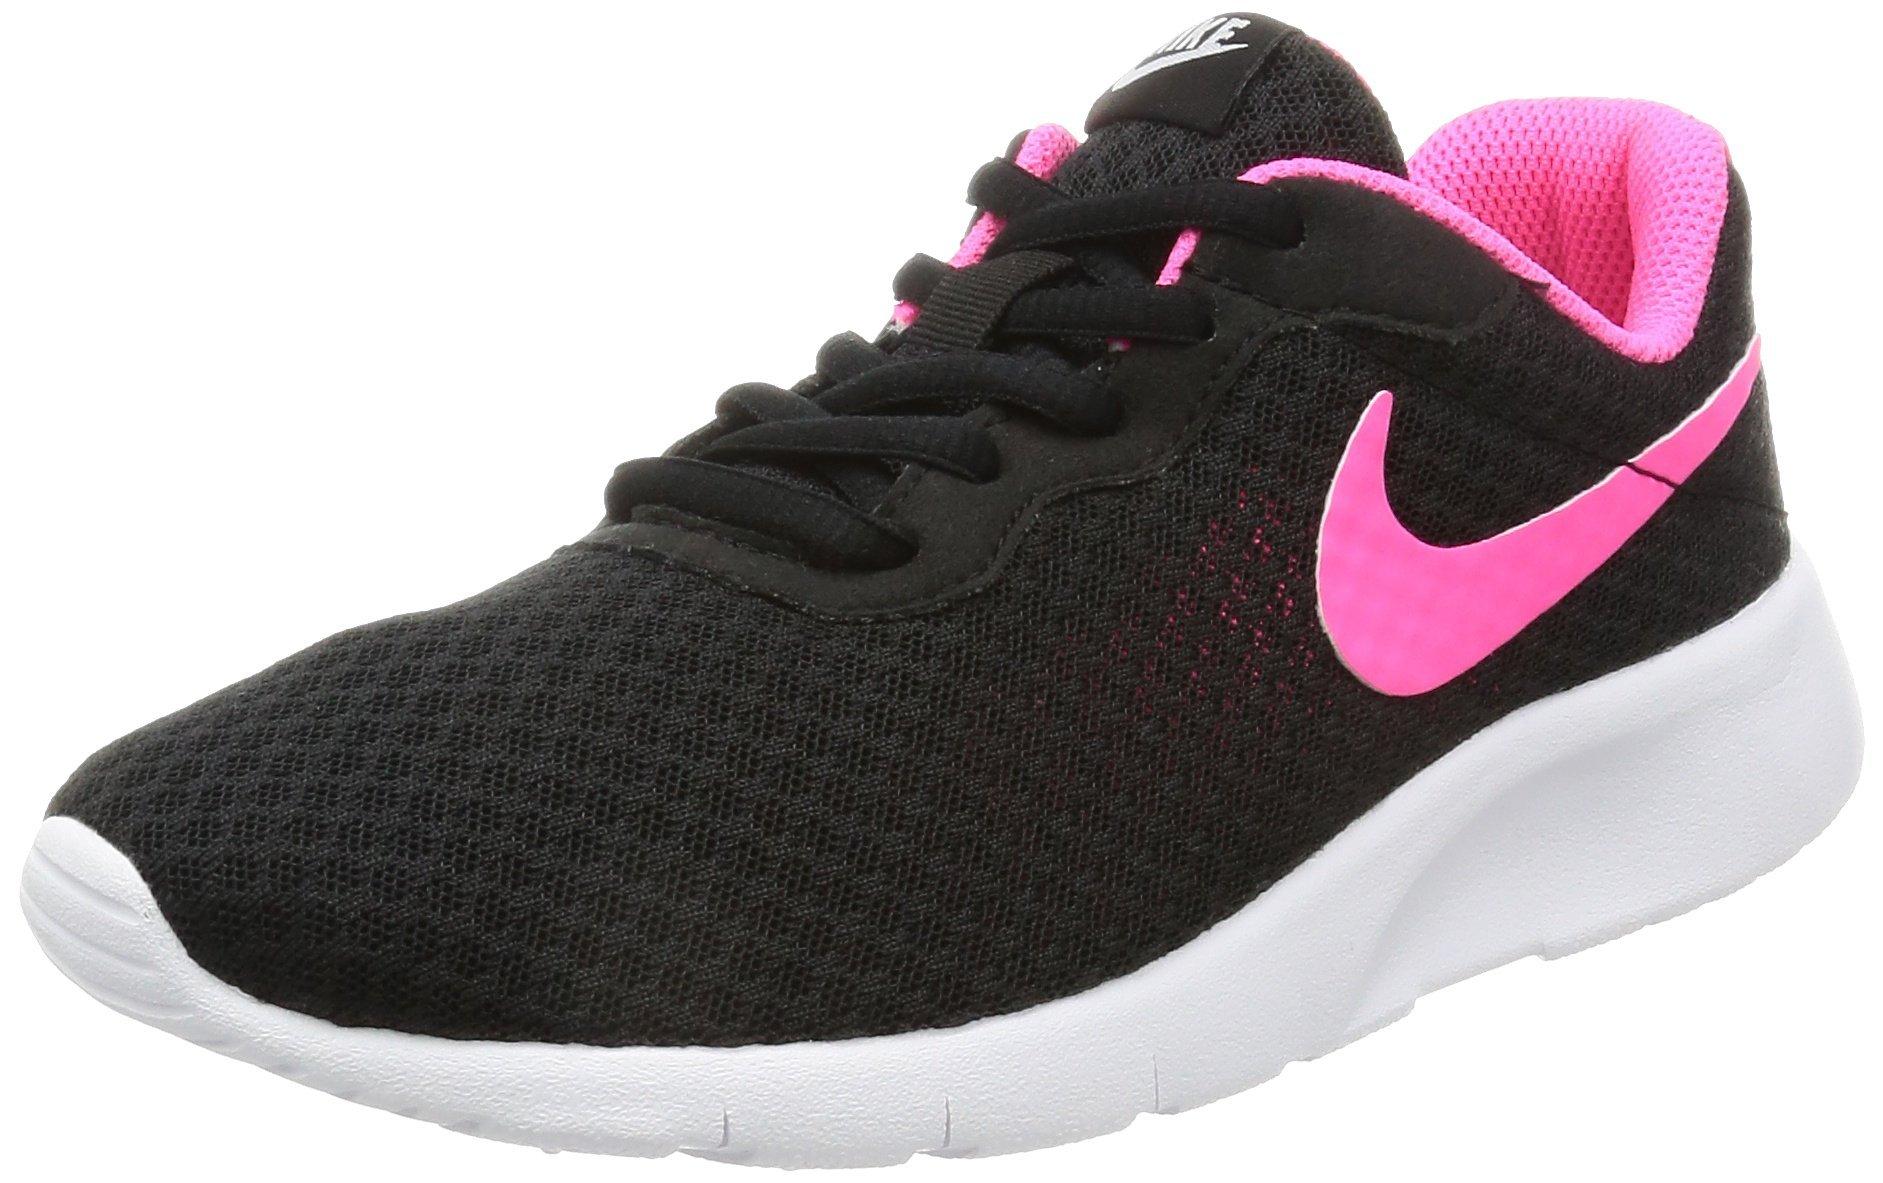 Nike 818385-061: Kids Tanjun (PS) Black/Hyper Pink Running Shoe (2.5 M US Little Kid)